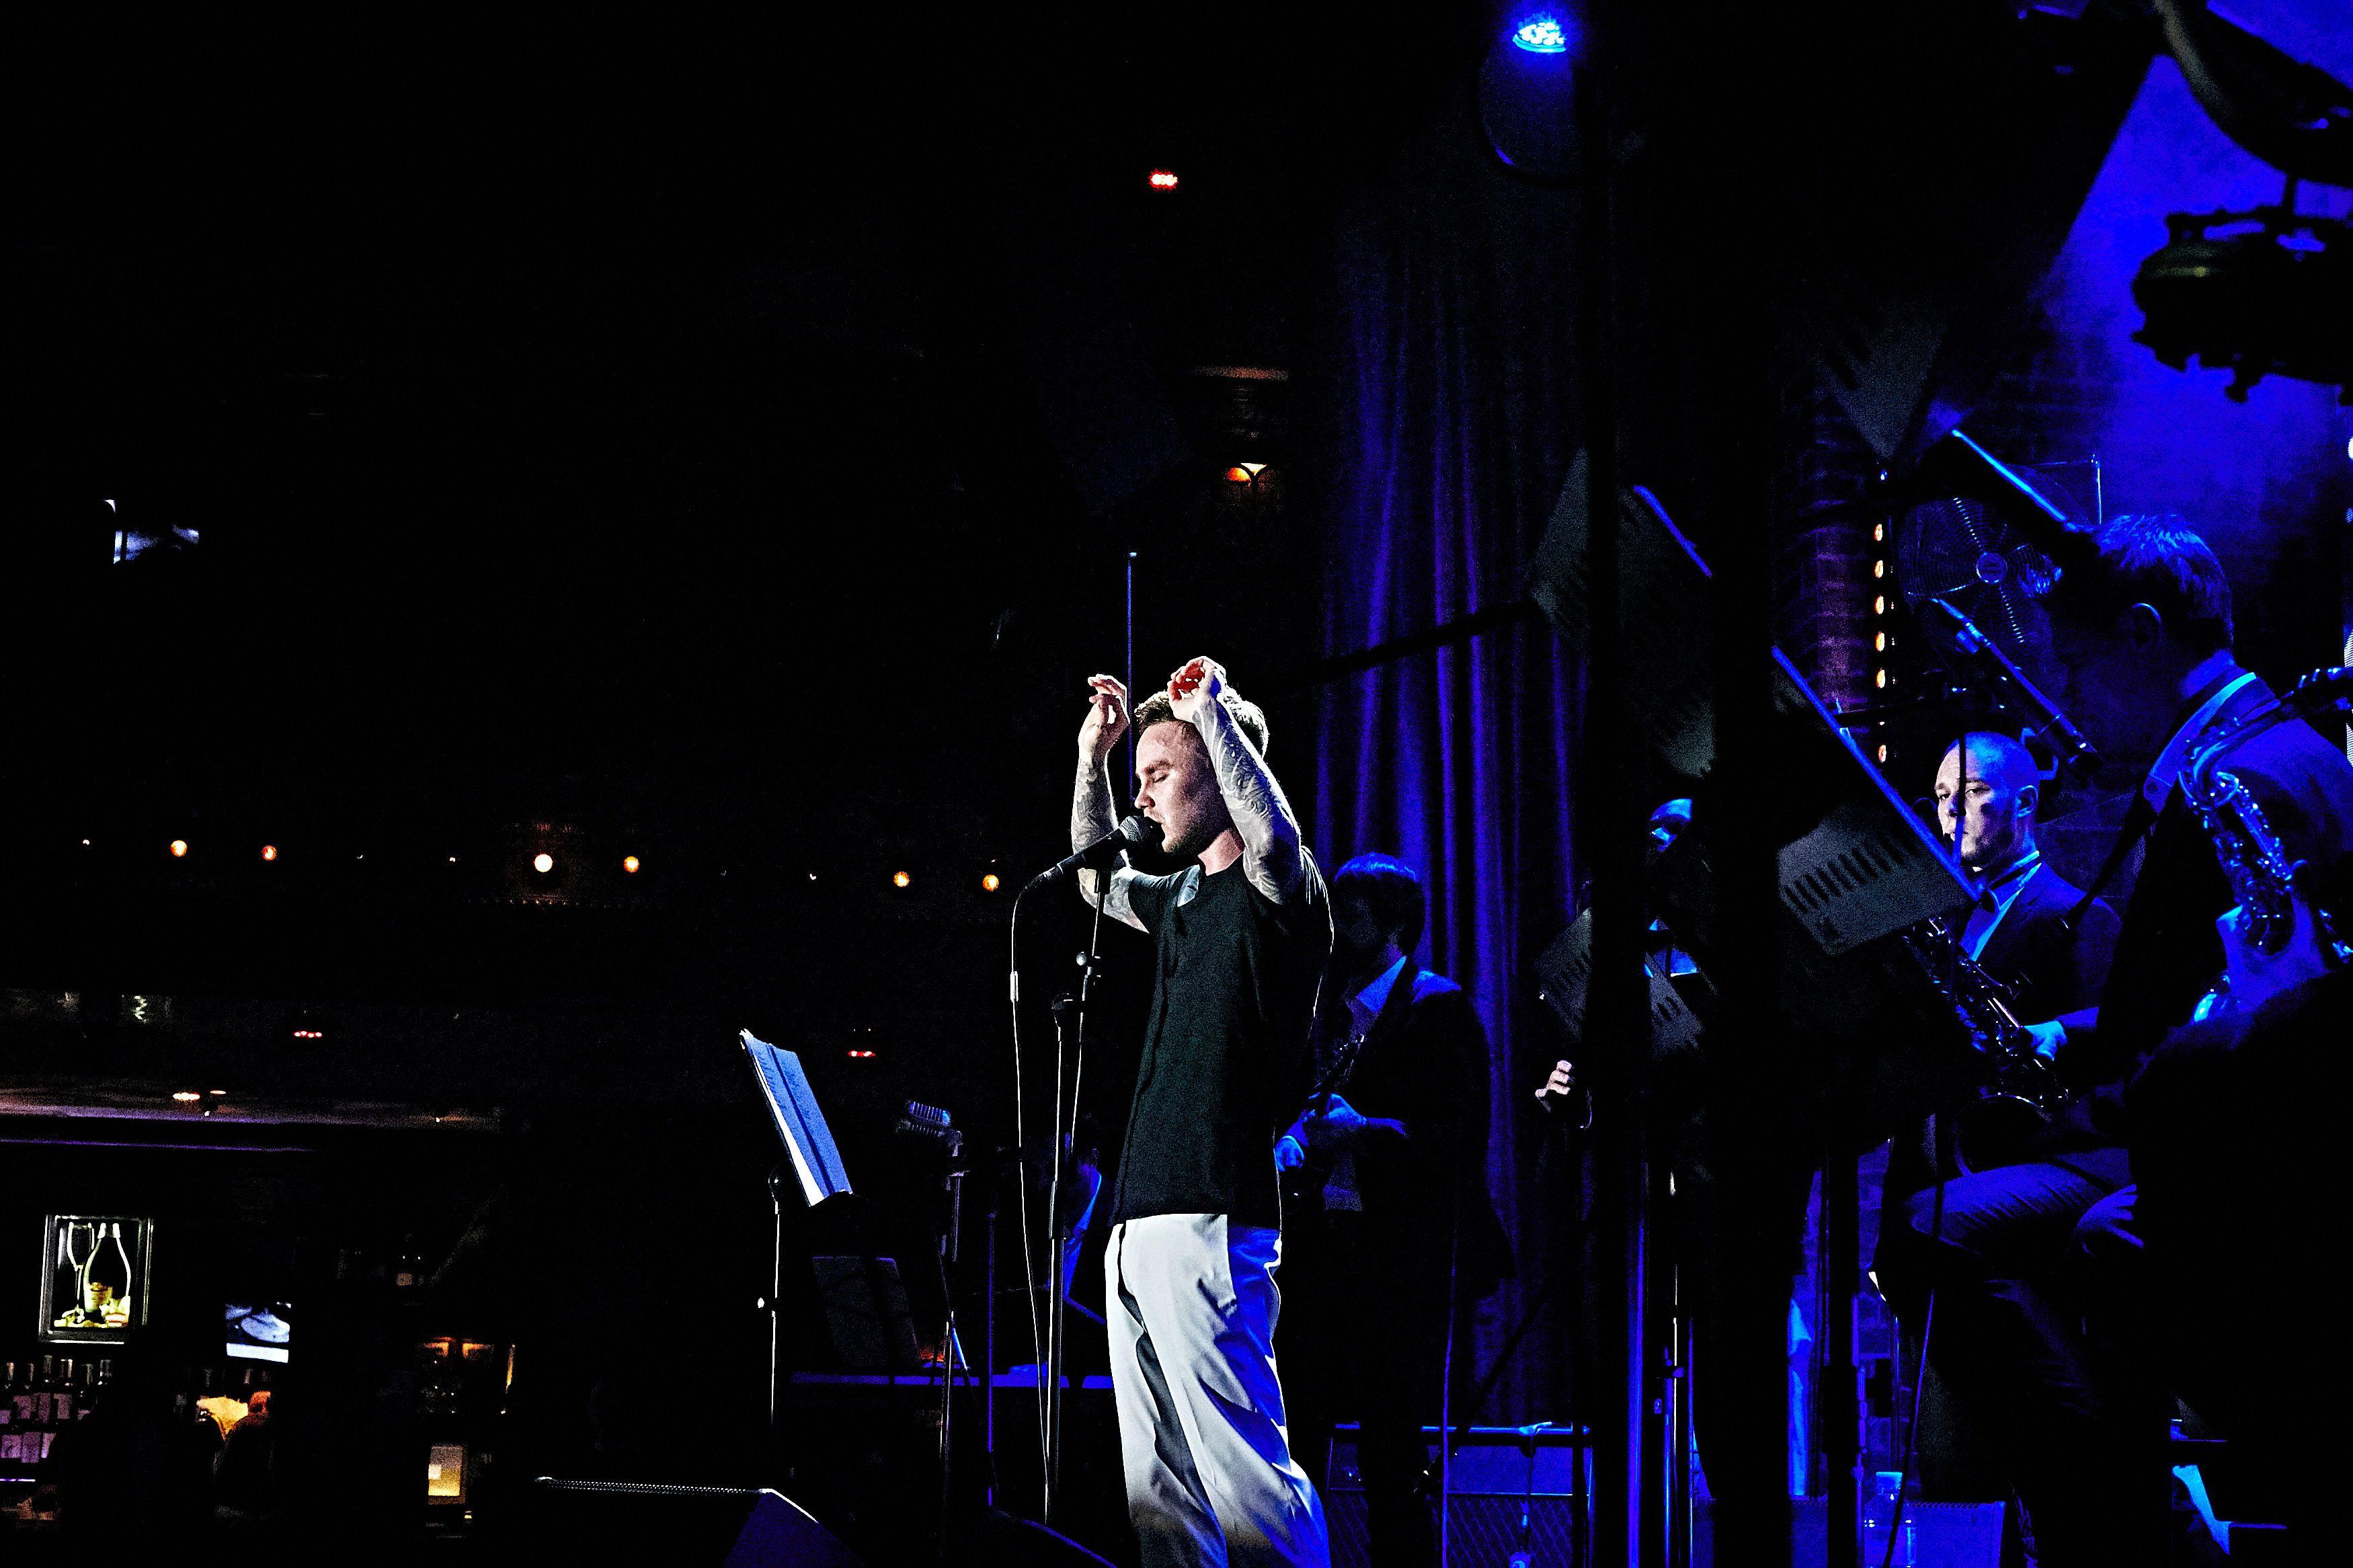 Концерт Артема Пивоварова в Caribbean Club _7